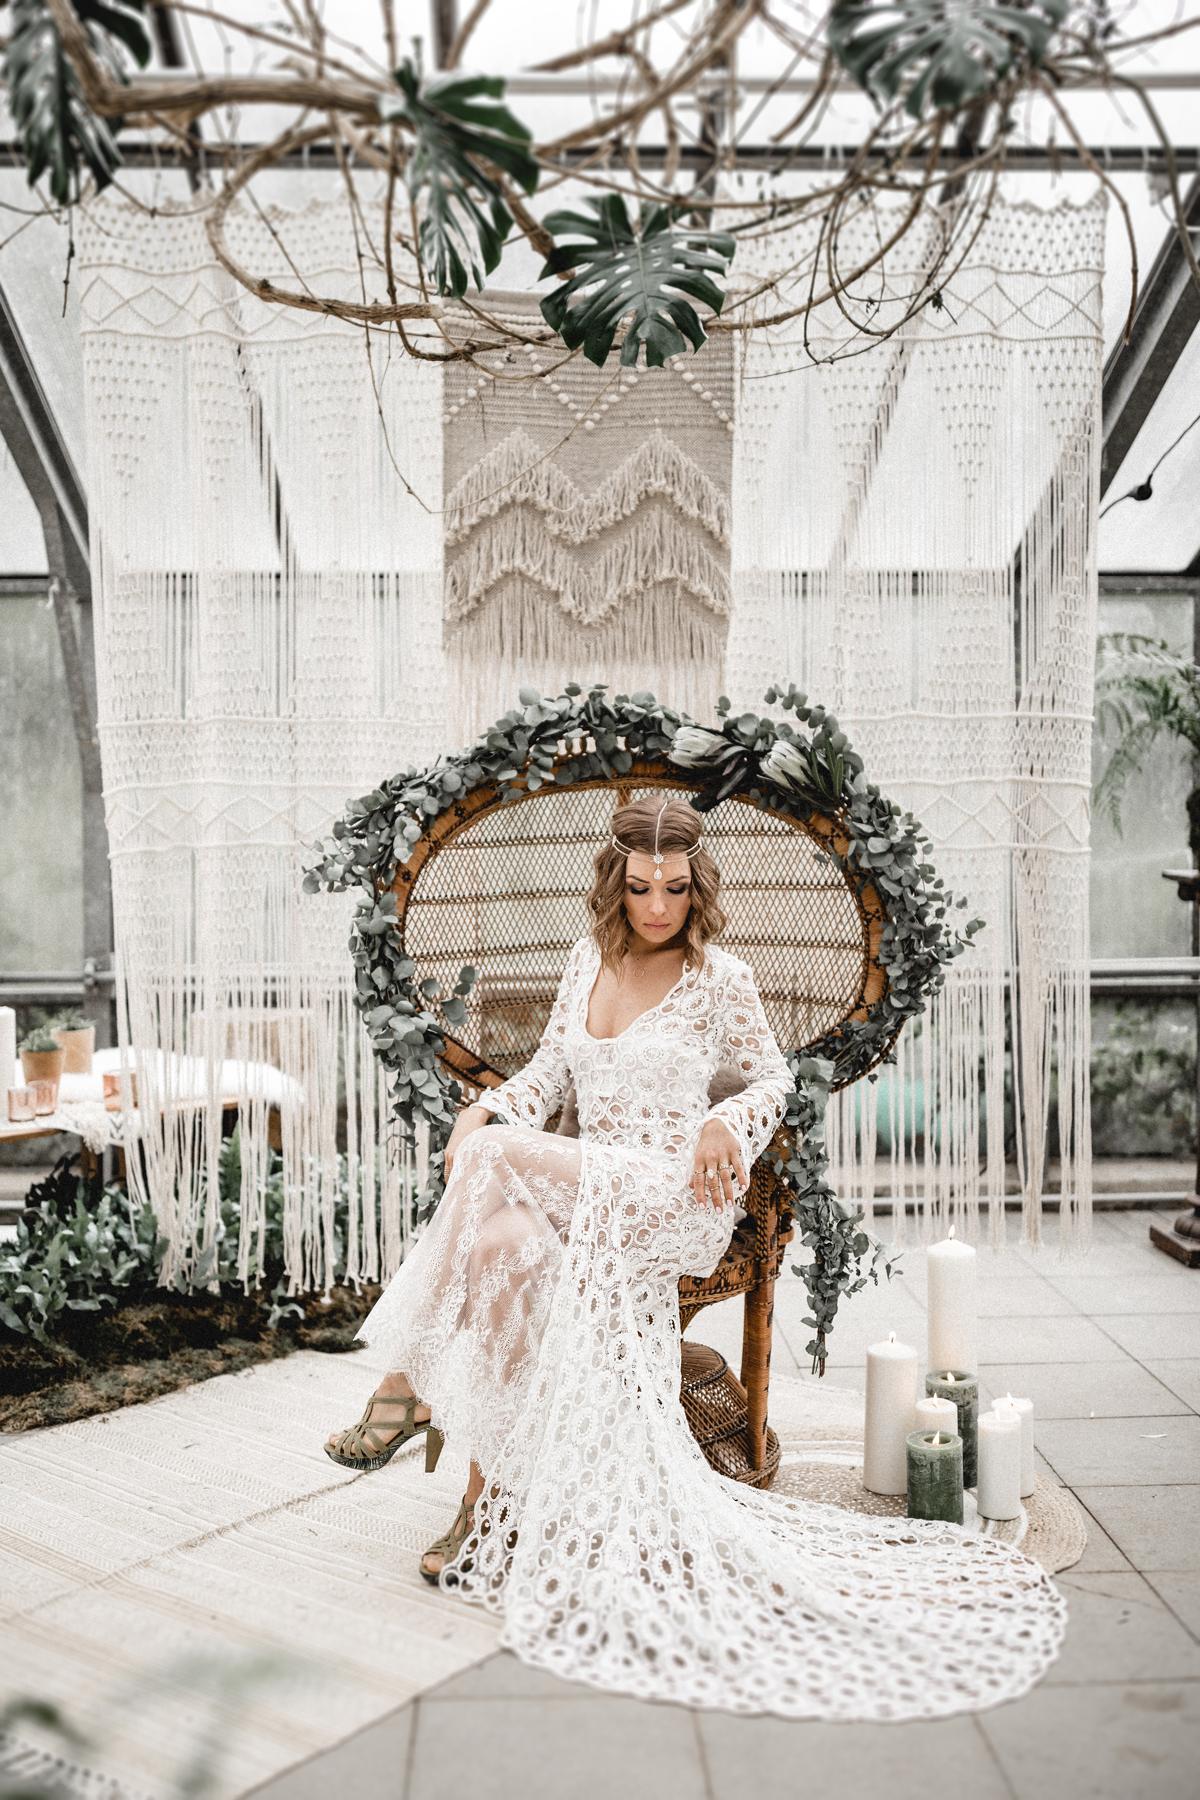 Andreas_Nusch_Hochzeitsfotografie_Brautshooting_2017_JA-Hochzeitsshop_0087